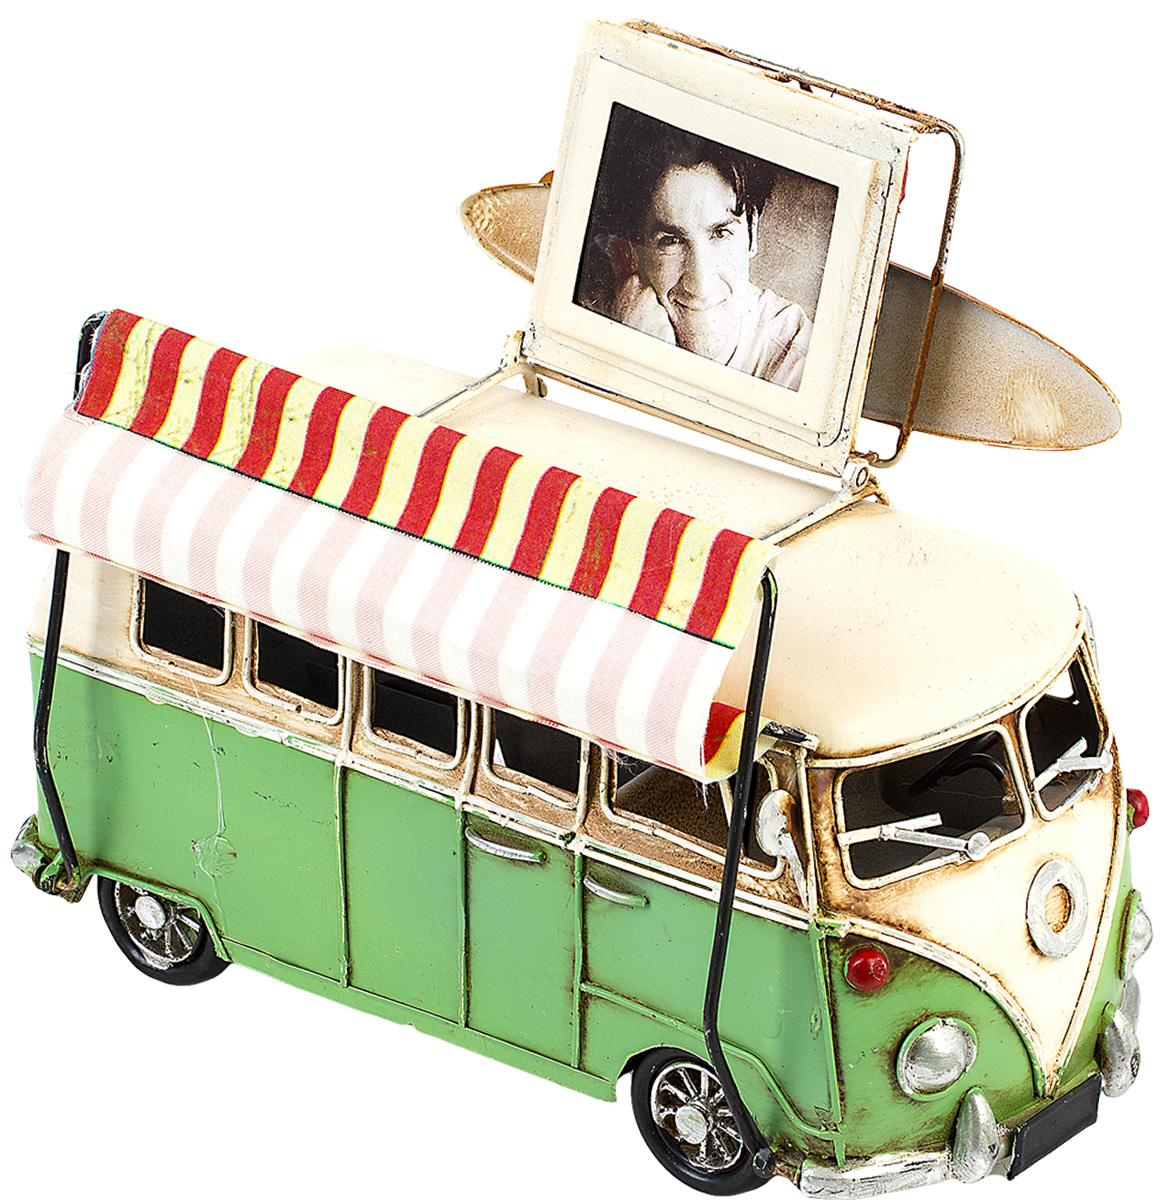 Модель Platinum Автобус, с фоторамкой. 1404E-43482200001705Модель Platinum Автобус, выполненная из металла, станет оригинальным украшением вашего интерьера. Вы можете поставить модель автобуса в любом месте, где она будет удачно смотреться.Изделие дополнено фоторамкой, куда вы можете вставить вашу любимую фотографию.Качество исполнения, точные детали и оригинальный дизайн выделяют эту модель среди ряда подобных. Модель займет достойное место в вашей коллекции, а также приятно удивит получателя в качестве стильного сувенира.Размер фотографии: 4 х 5 см.